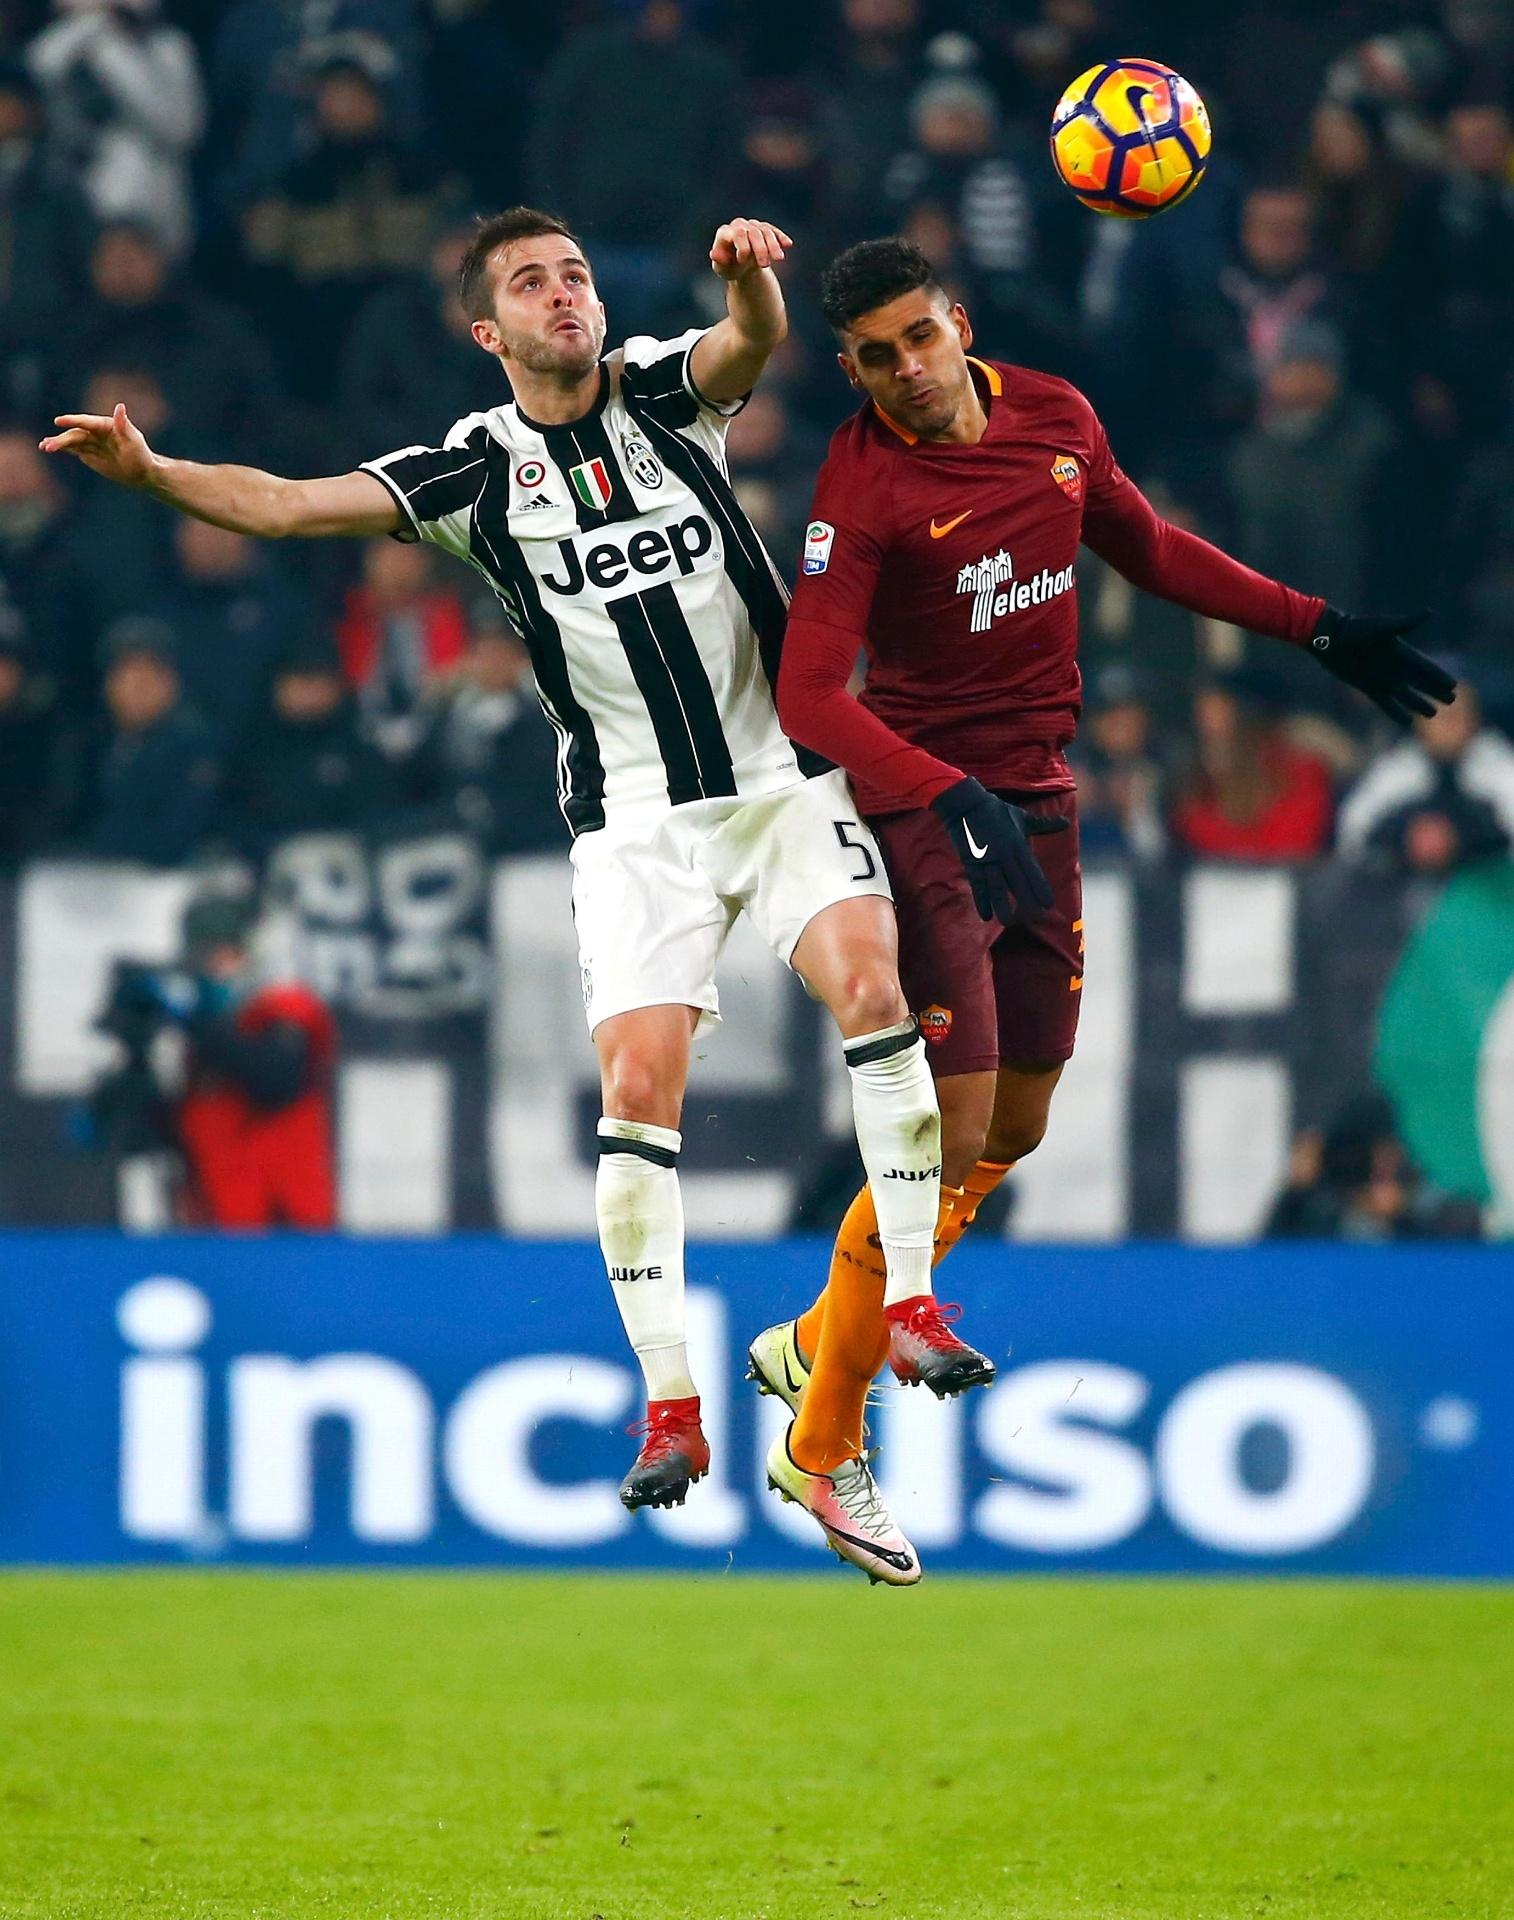 d901e6ae83 Itália confirma convocação de lateral ex-Santos - Esporte - BOL